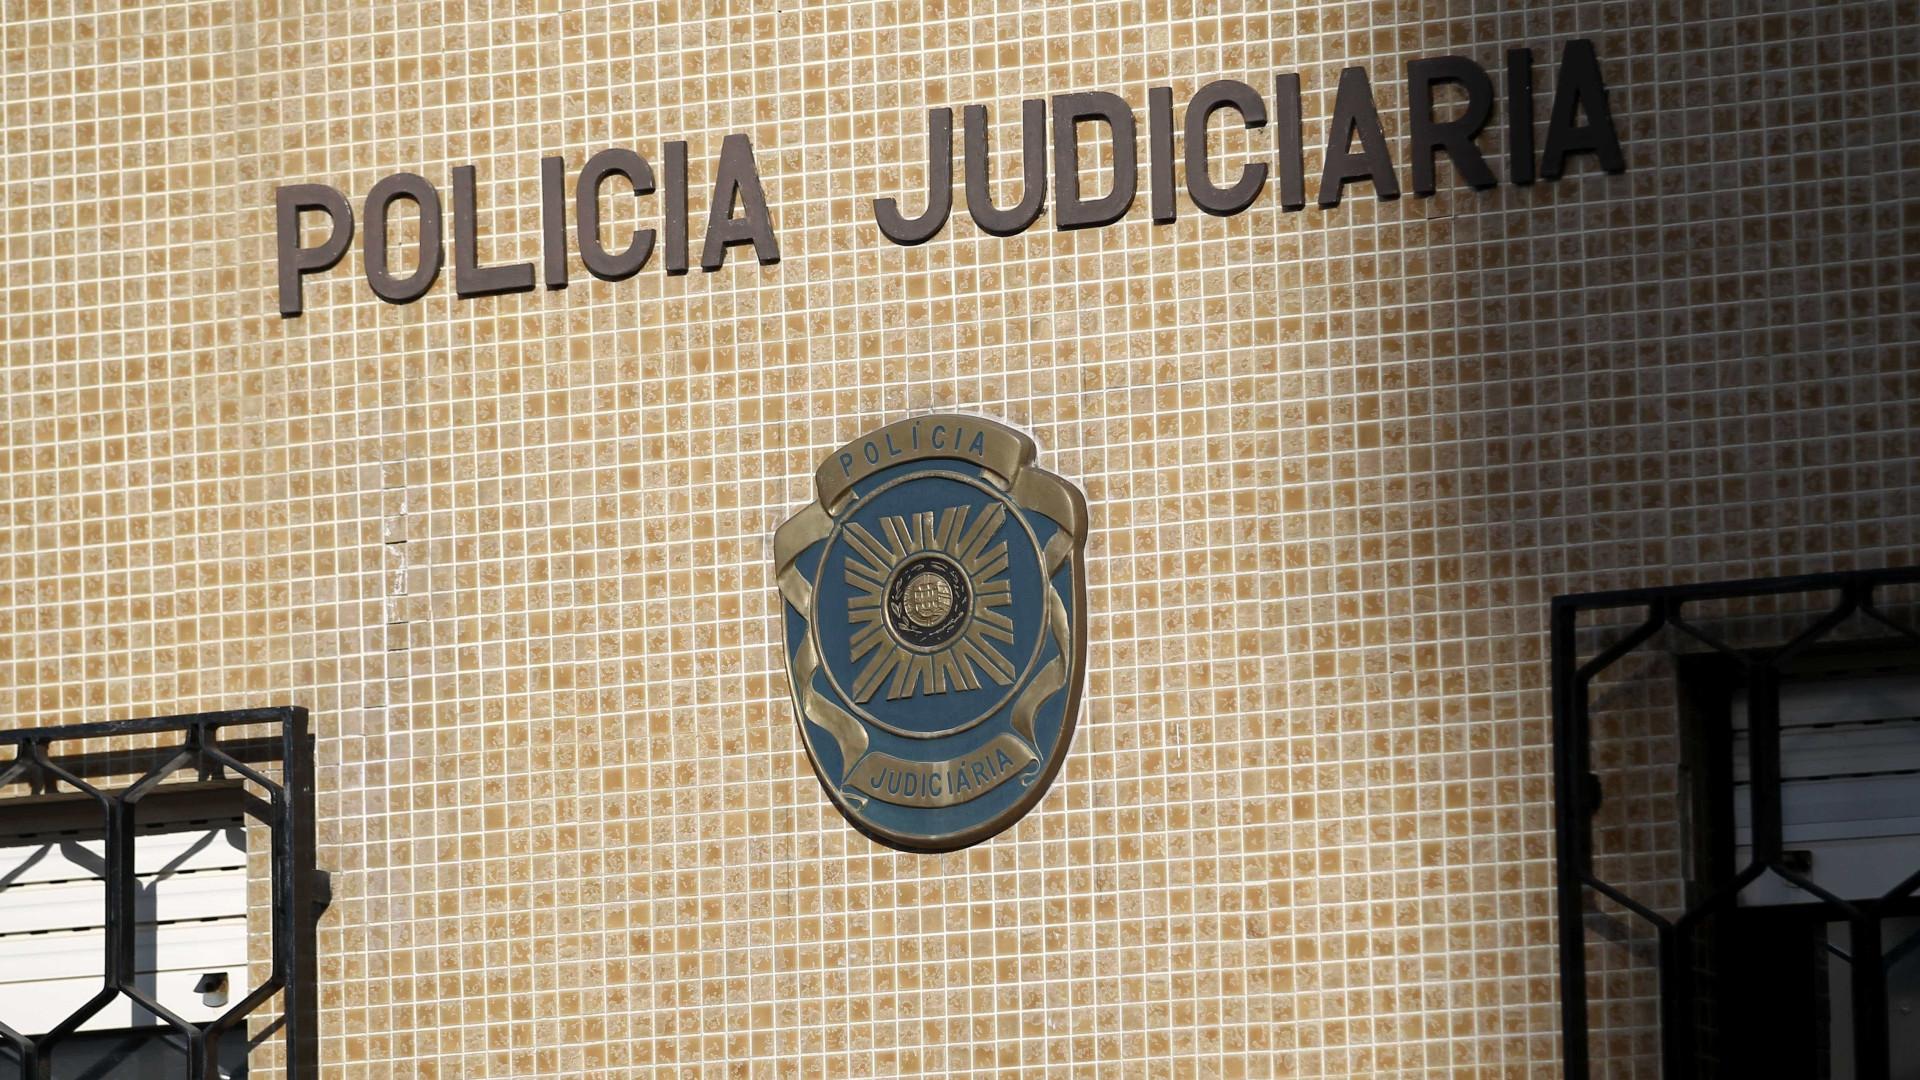 Mulher encontrada morta em casa em Paço de Arcos. PJ investiga